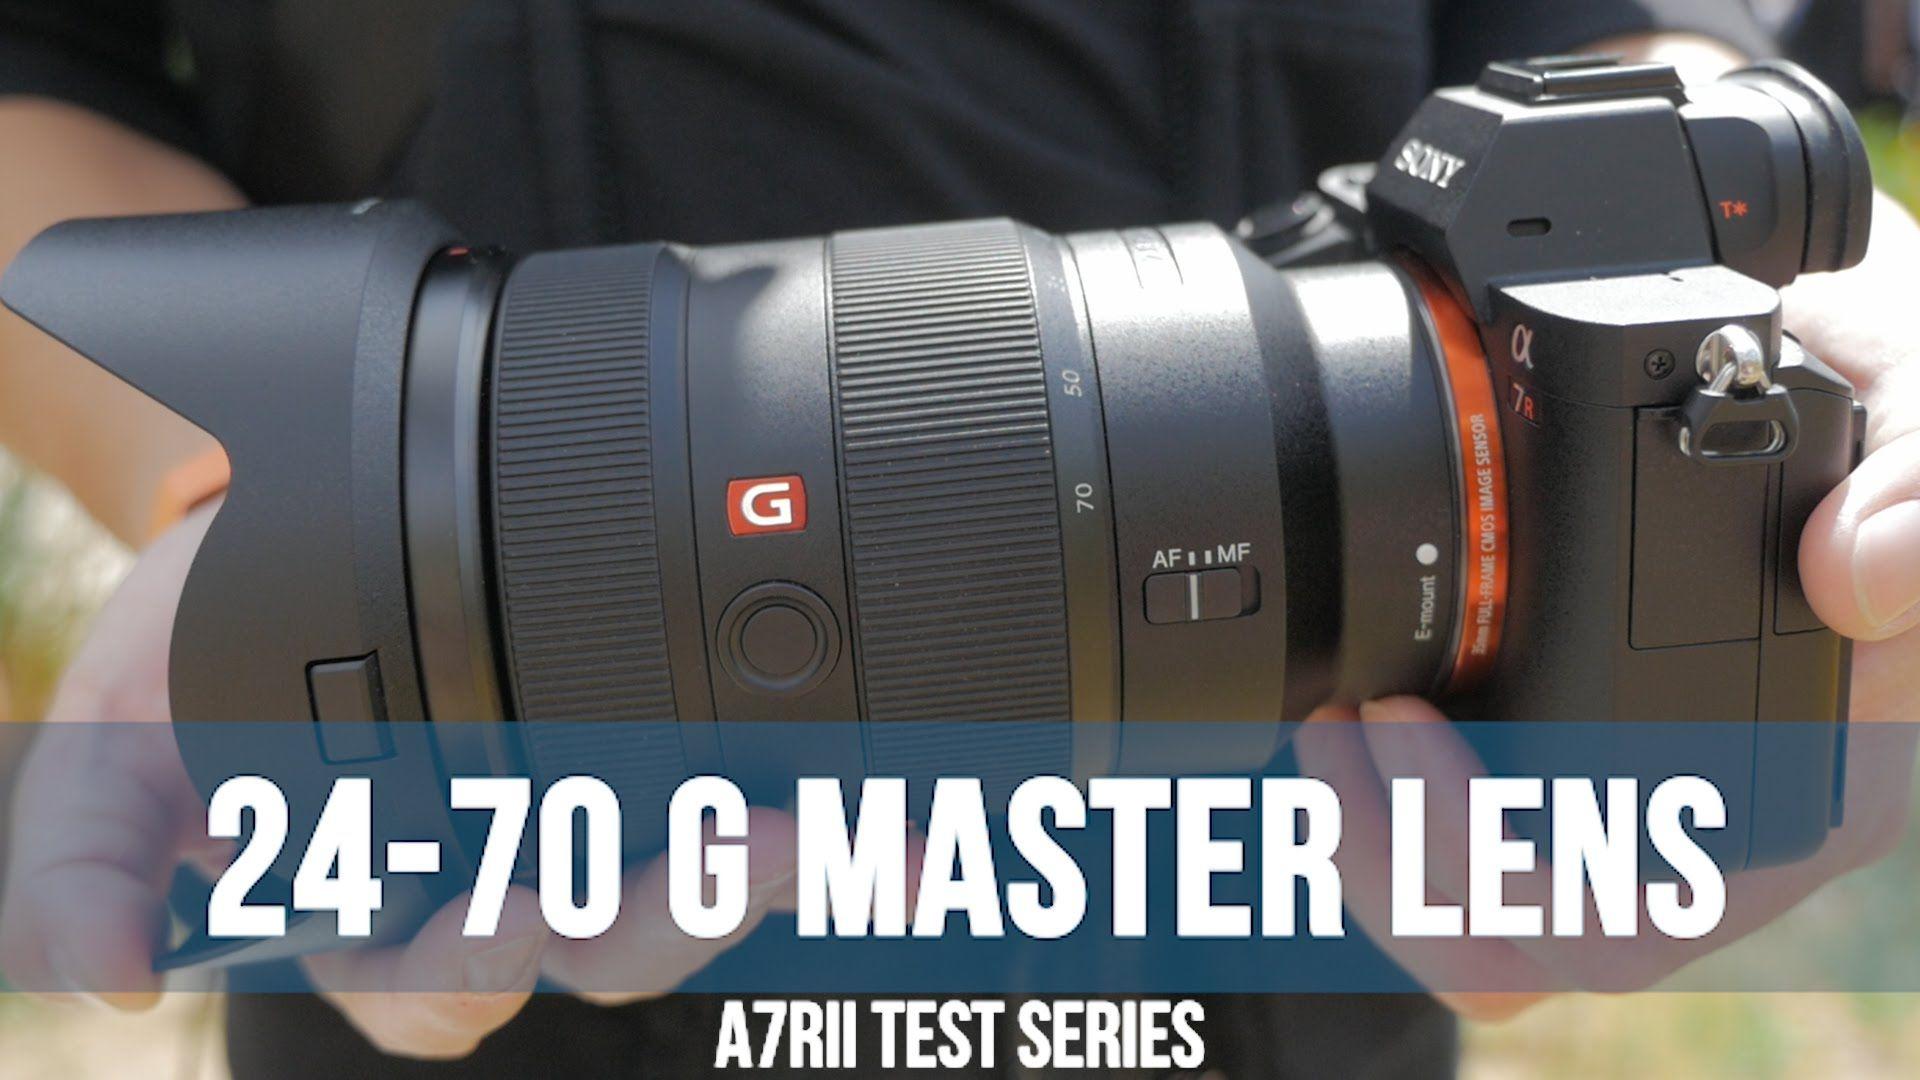 My First Shots W 24 70mm G Master F2 8 Sony Lens Https Www Camerasdirect Com Au Sony Fe 24 70mm F2 8 Gm E Mount Lens Sony Lens Lens Sony Lenses